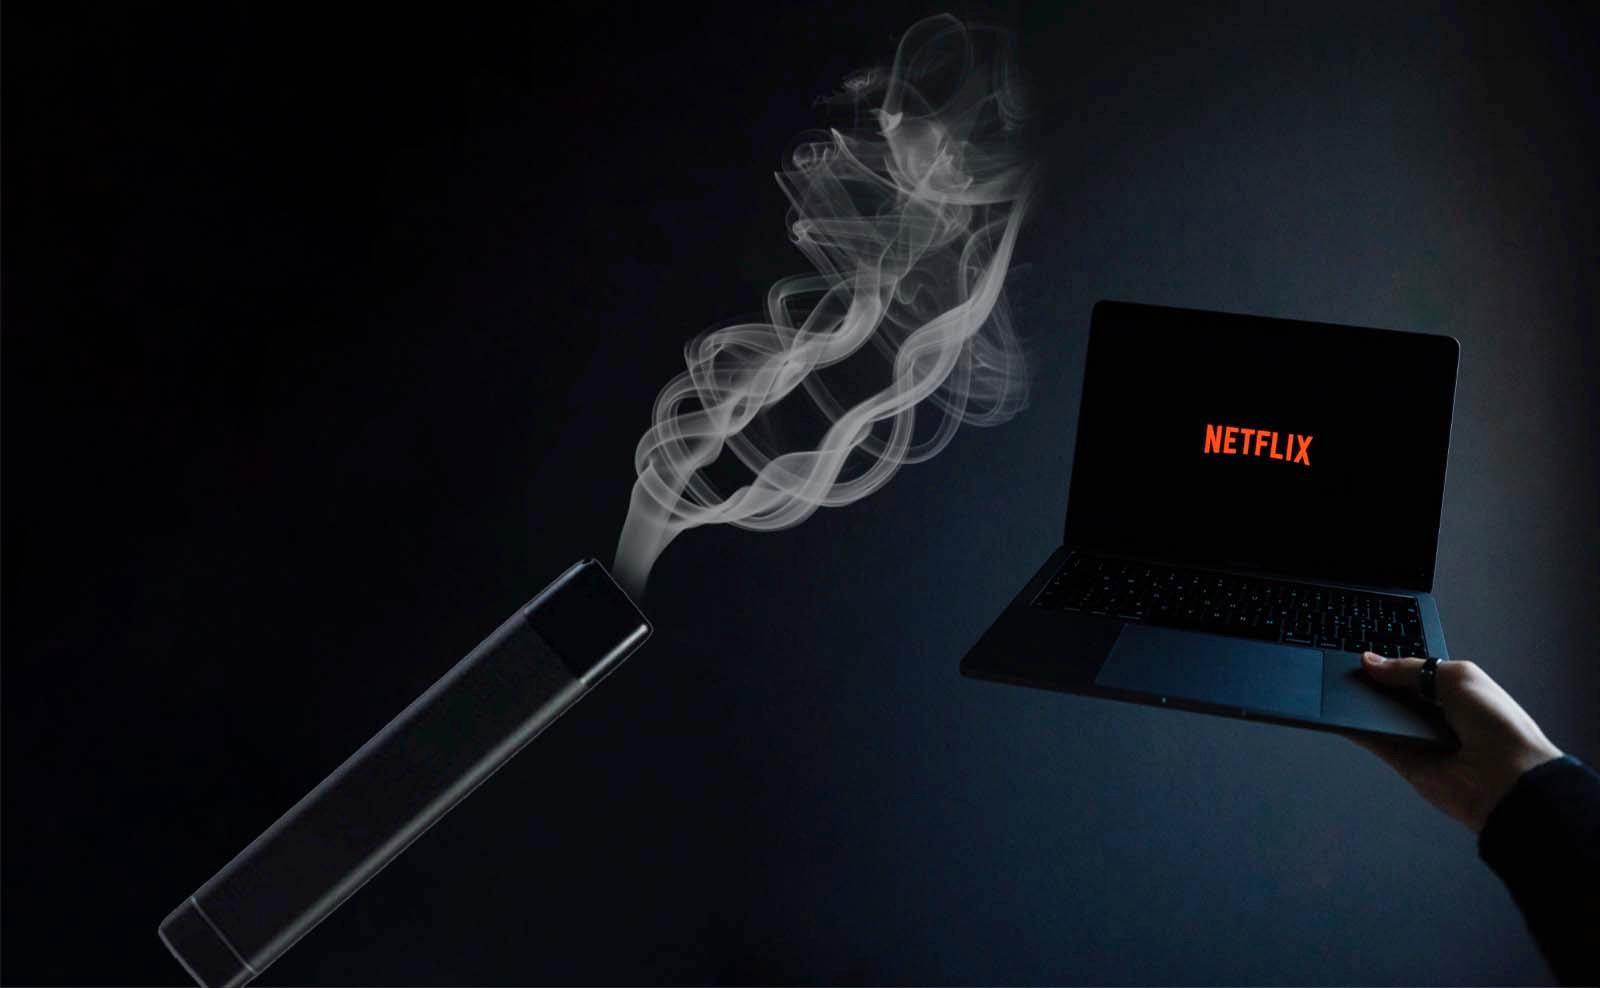 Laptop deschis cu Netflix și tigara electronică YOOP